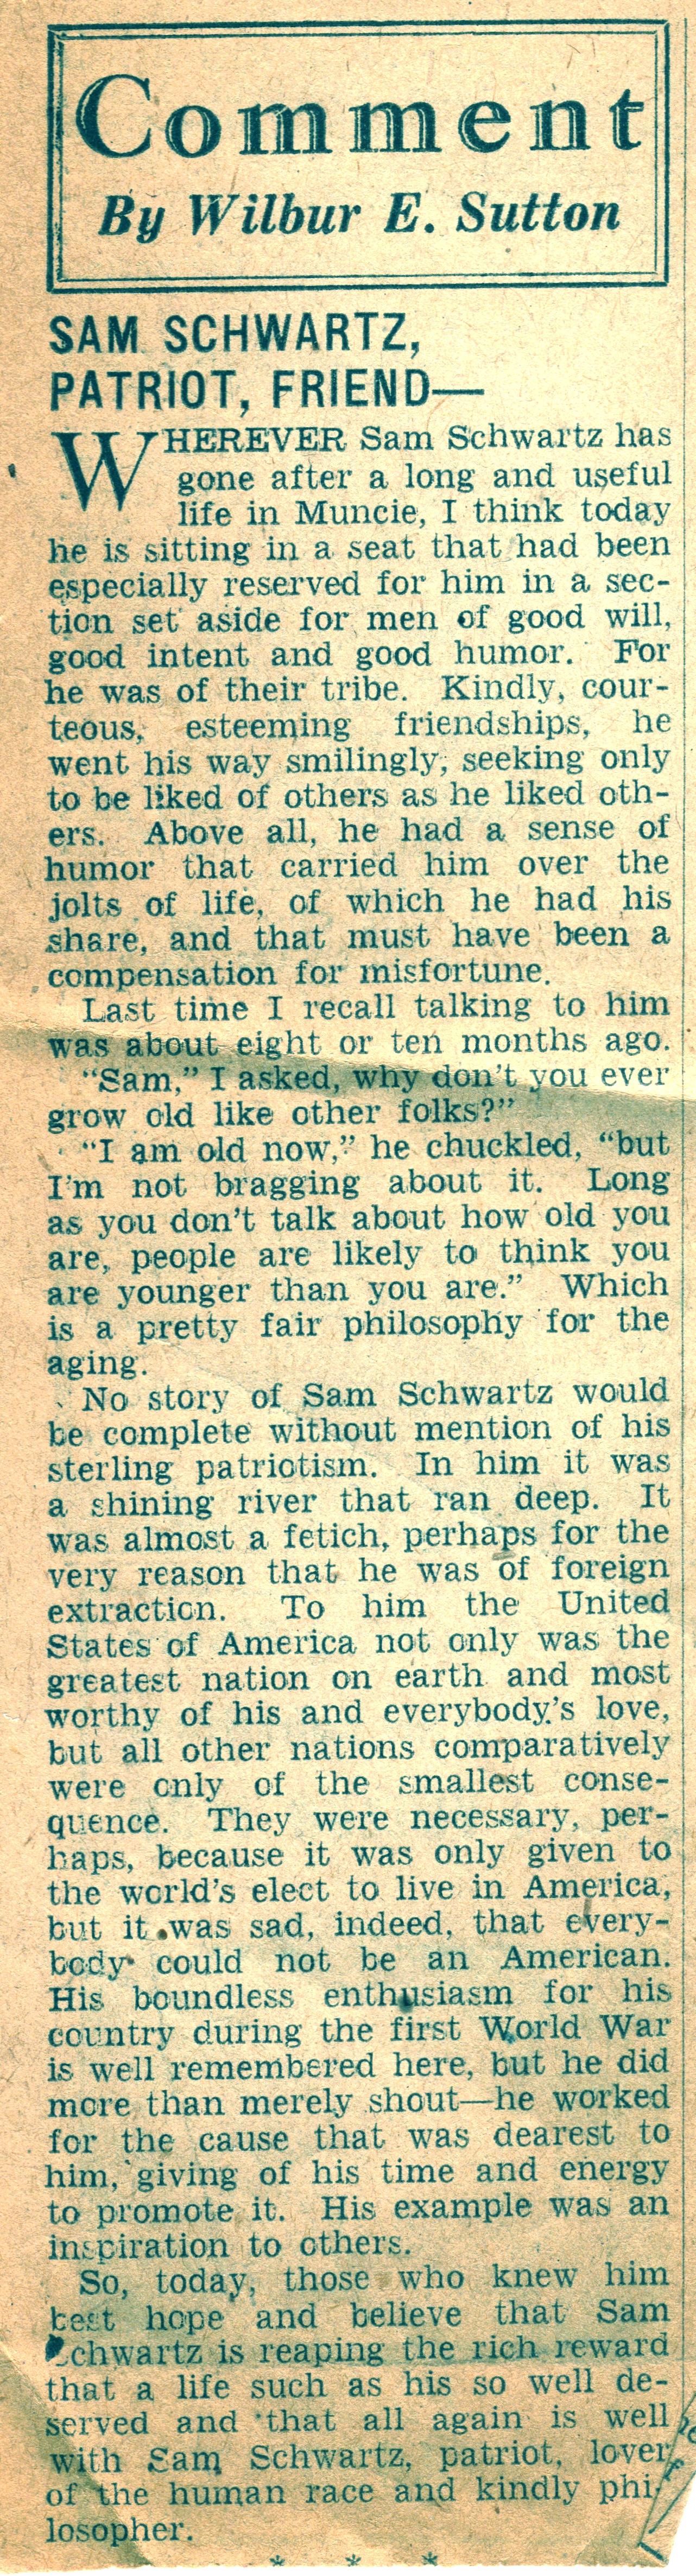 Samuel Sam Schwartz